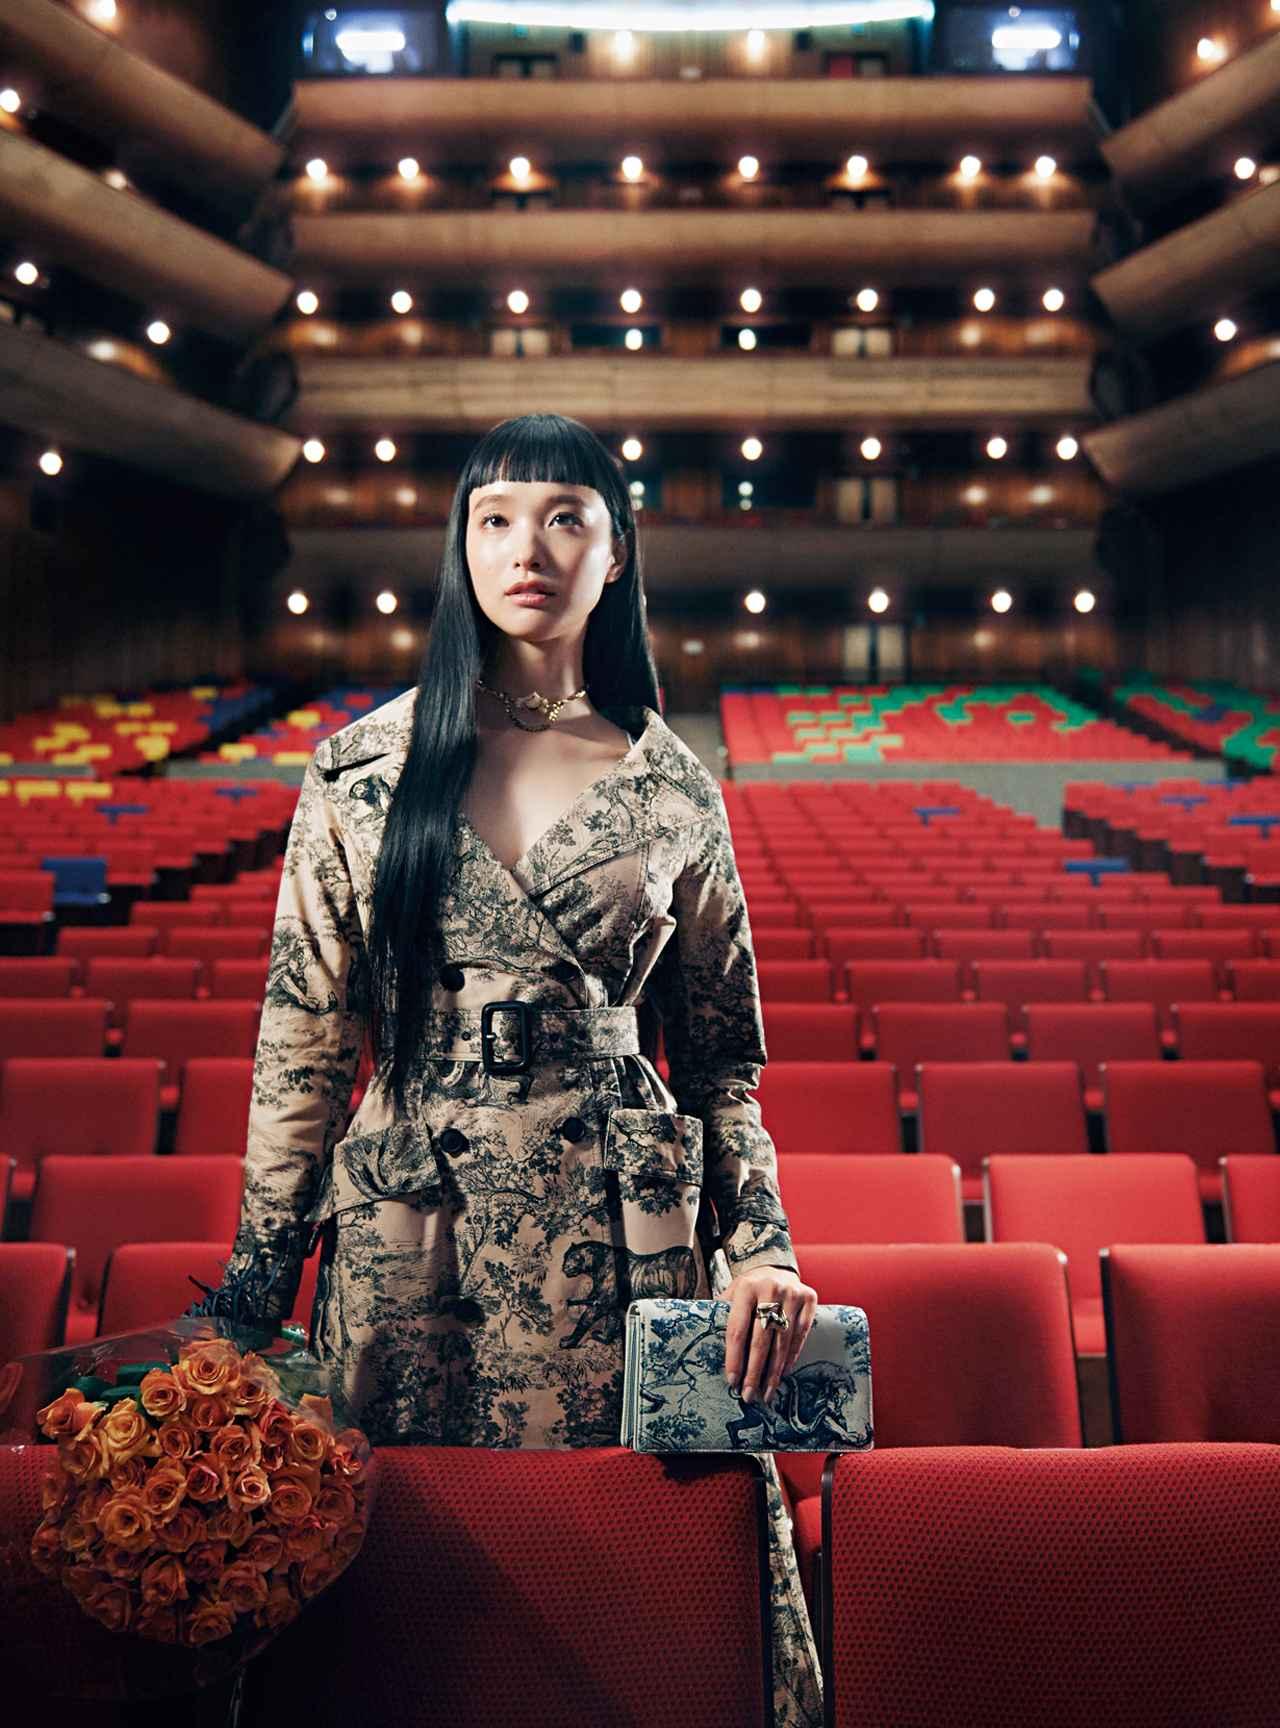 Images : 1番目の画像 - 「至福の時空へ誘う 華麗なる観劇スタイル」のアルバム - T JAPAN:The New York Times Style Magazine 公式サイト